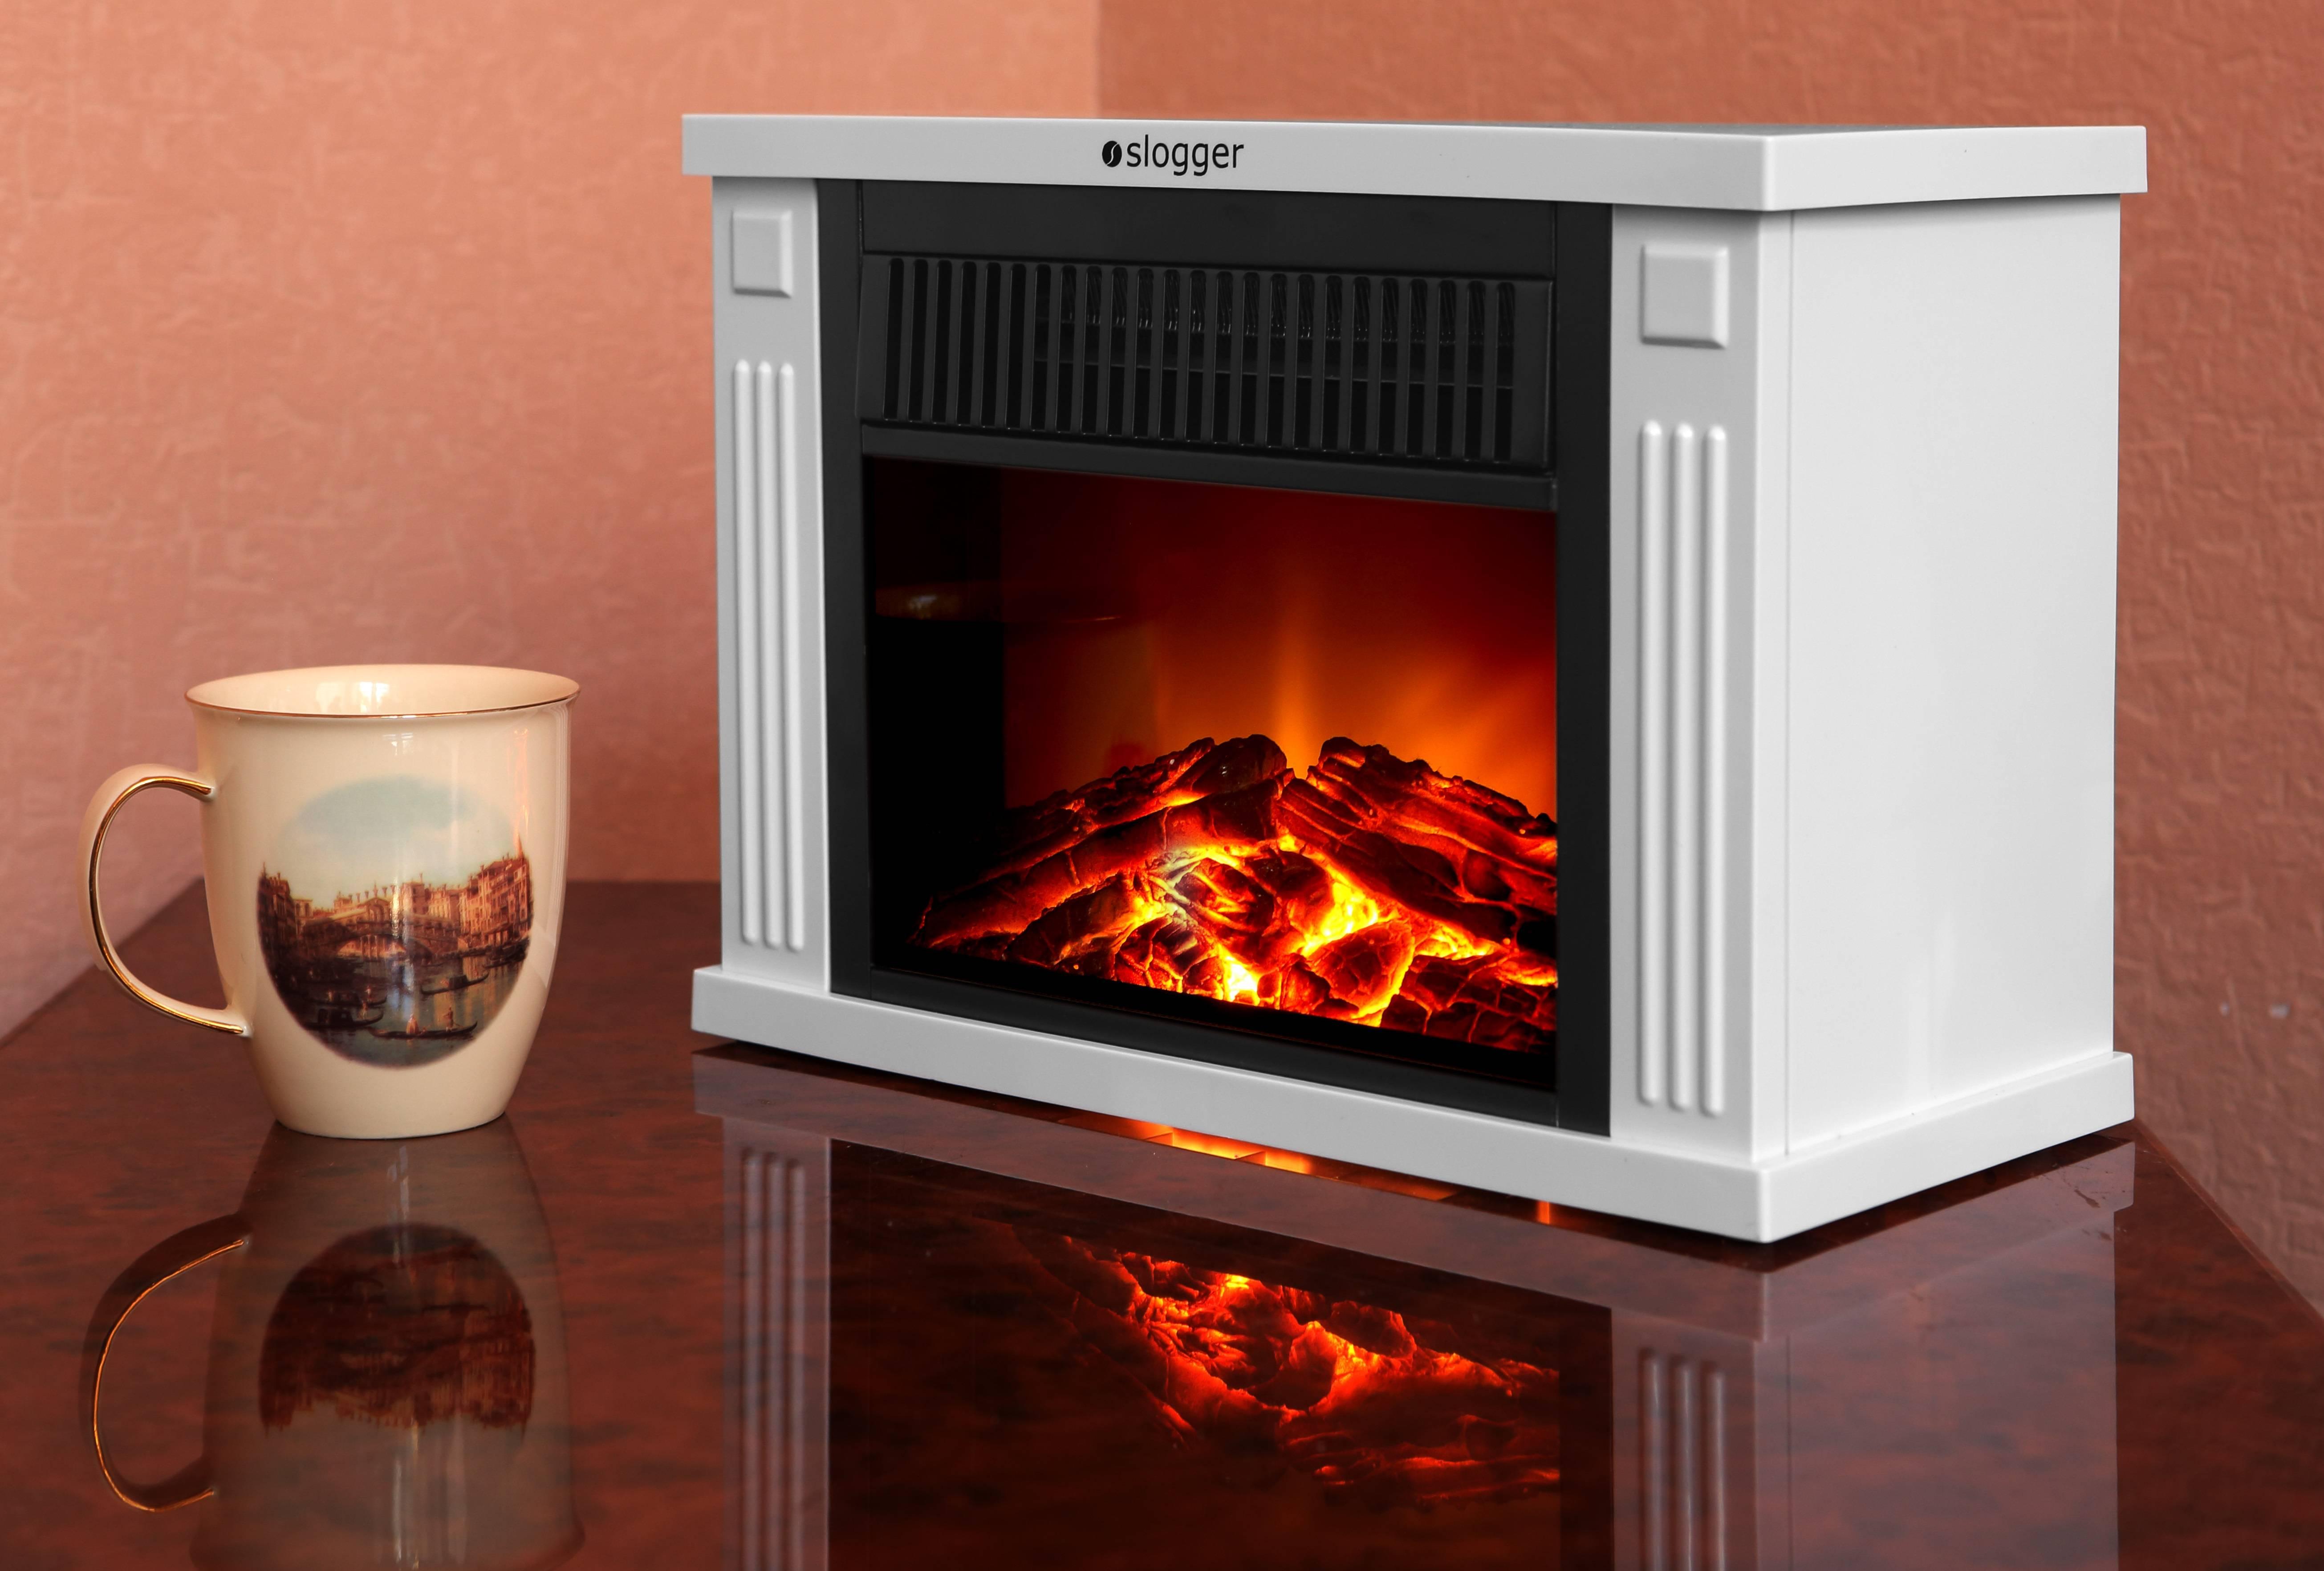 Электрический камин slogger heat flame black sl-480-b отзывы оформление электрокаминов фото